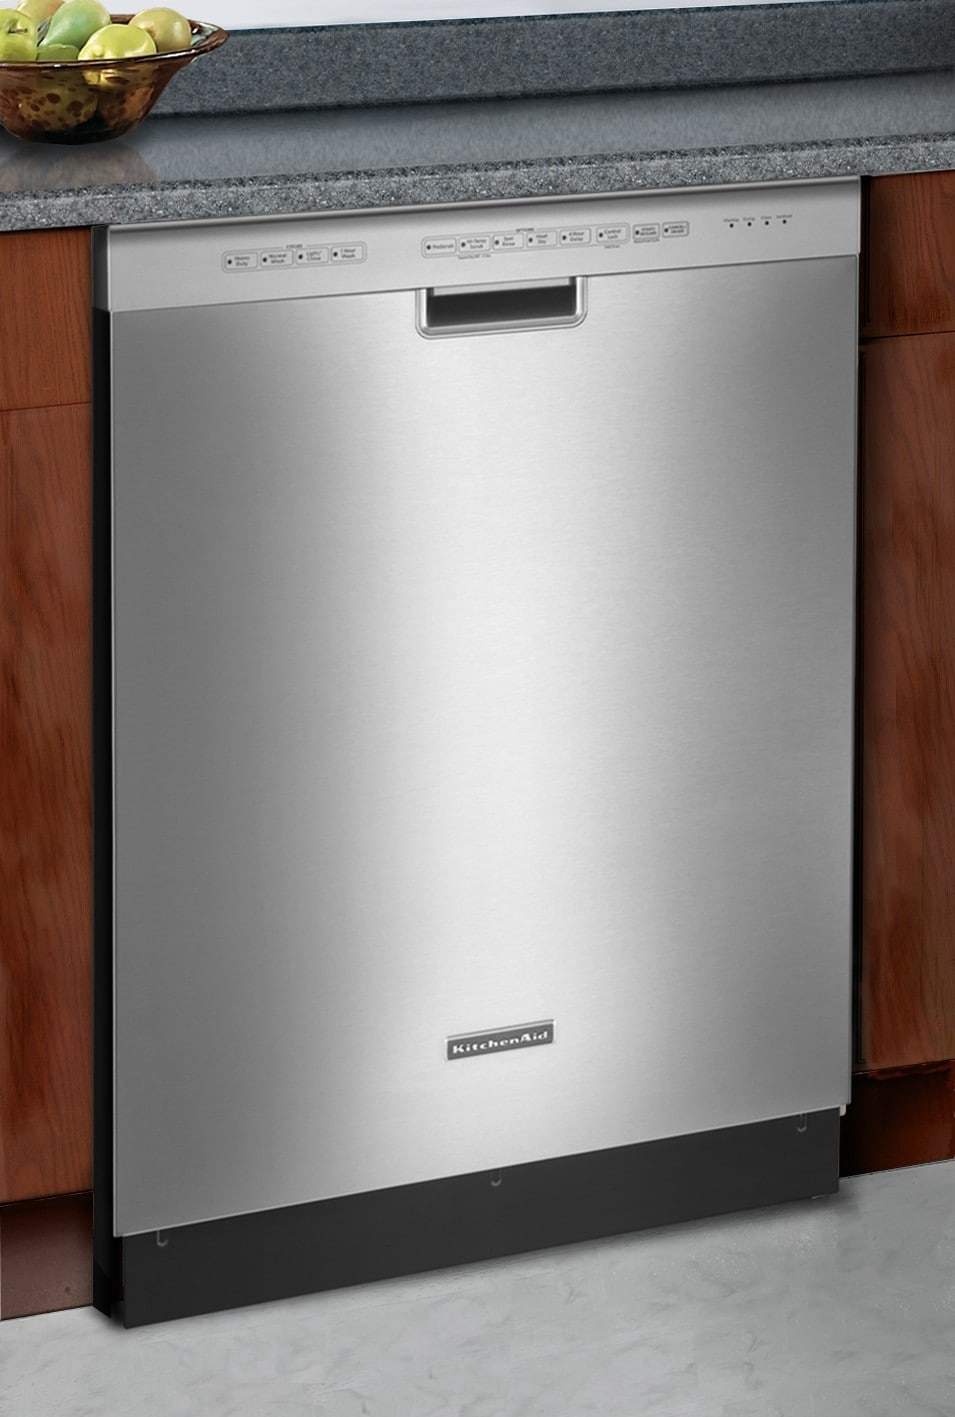 Dishwasher Kitchenaid Photos